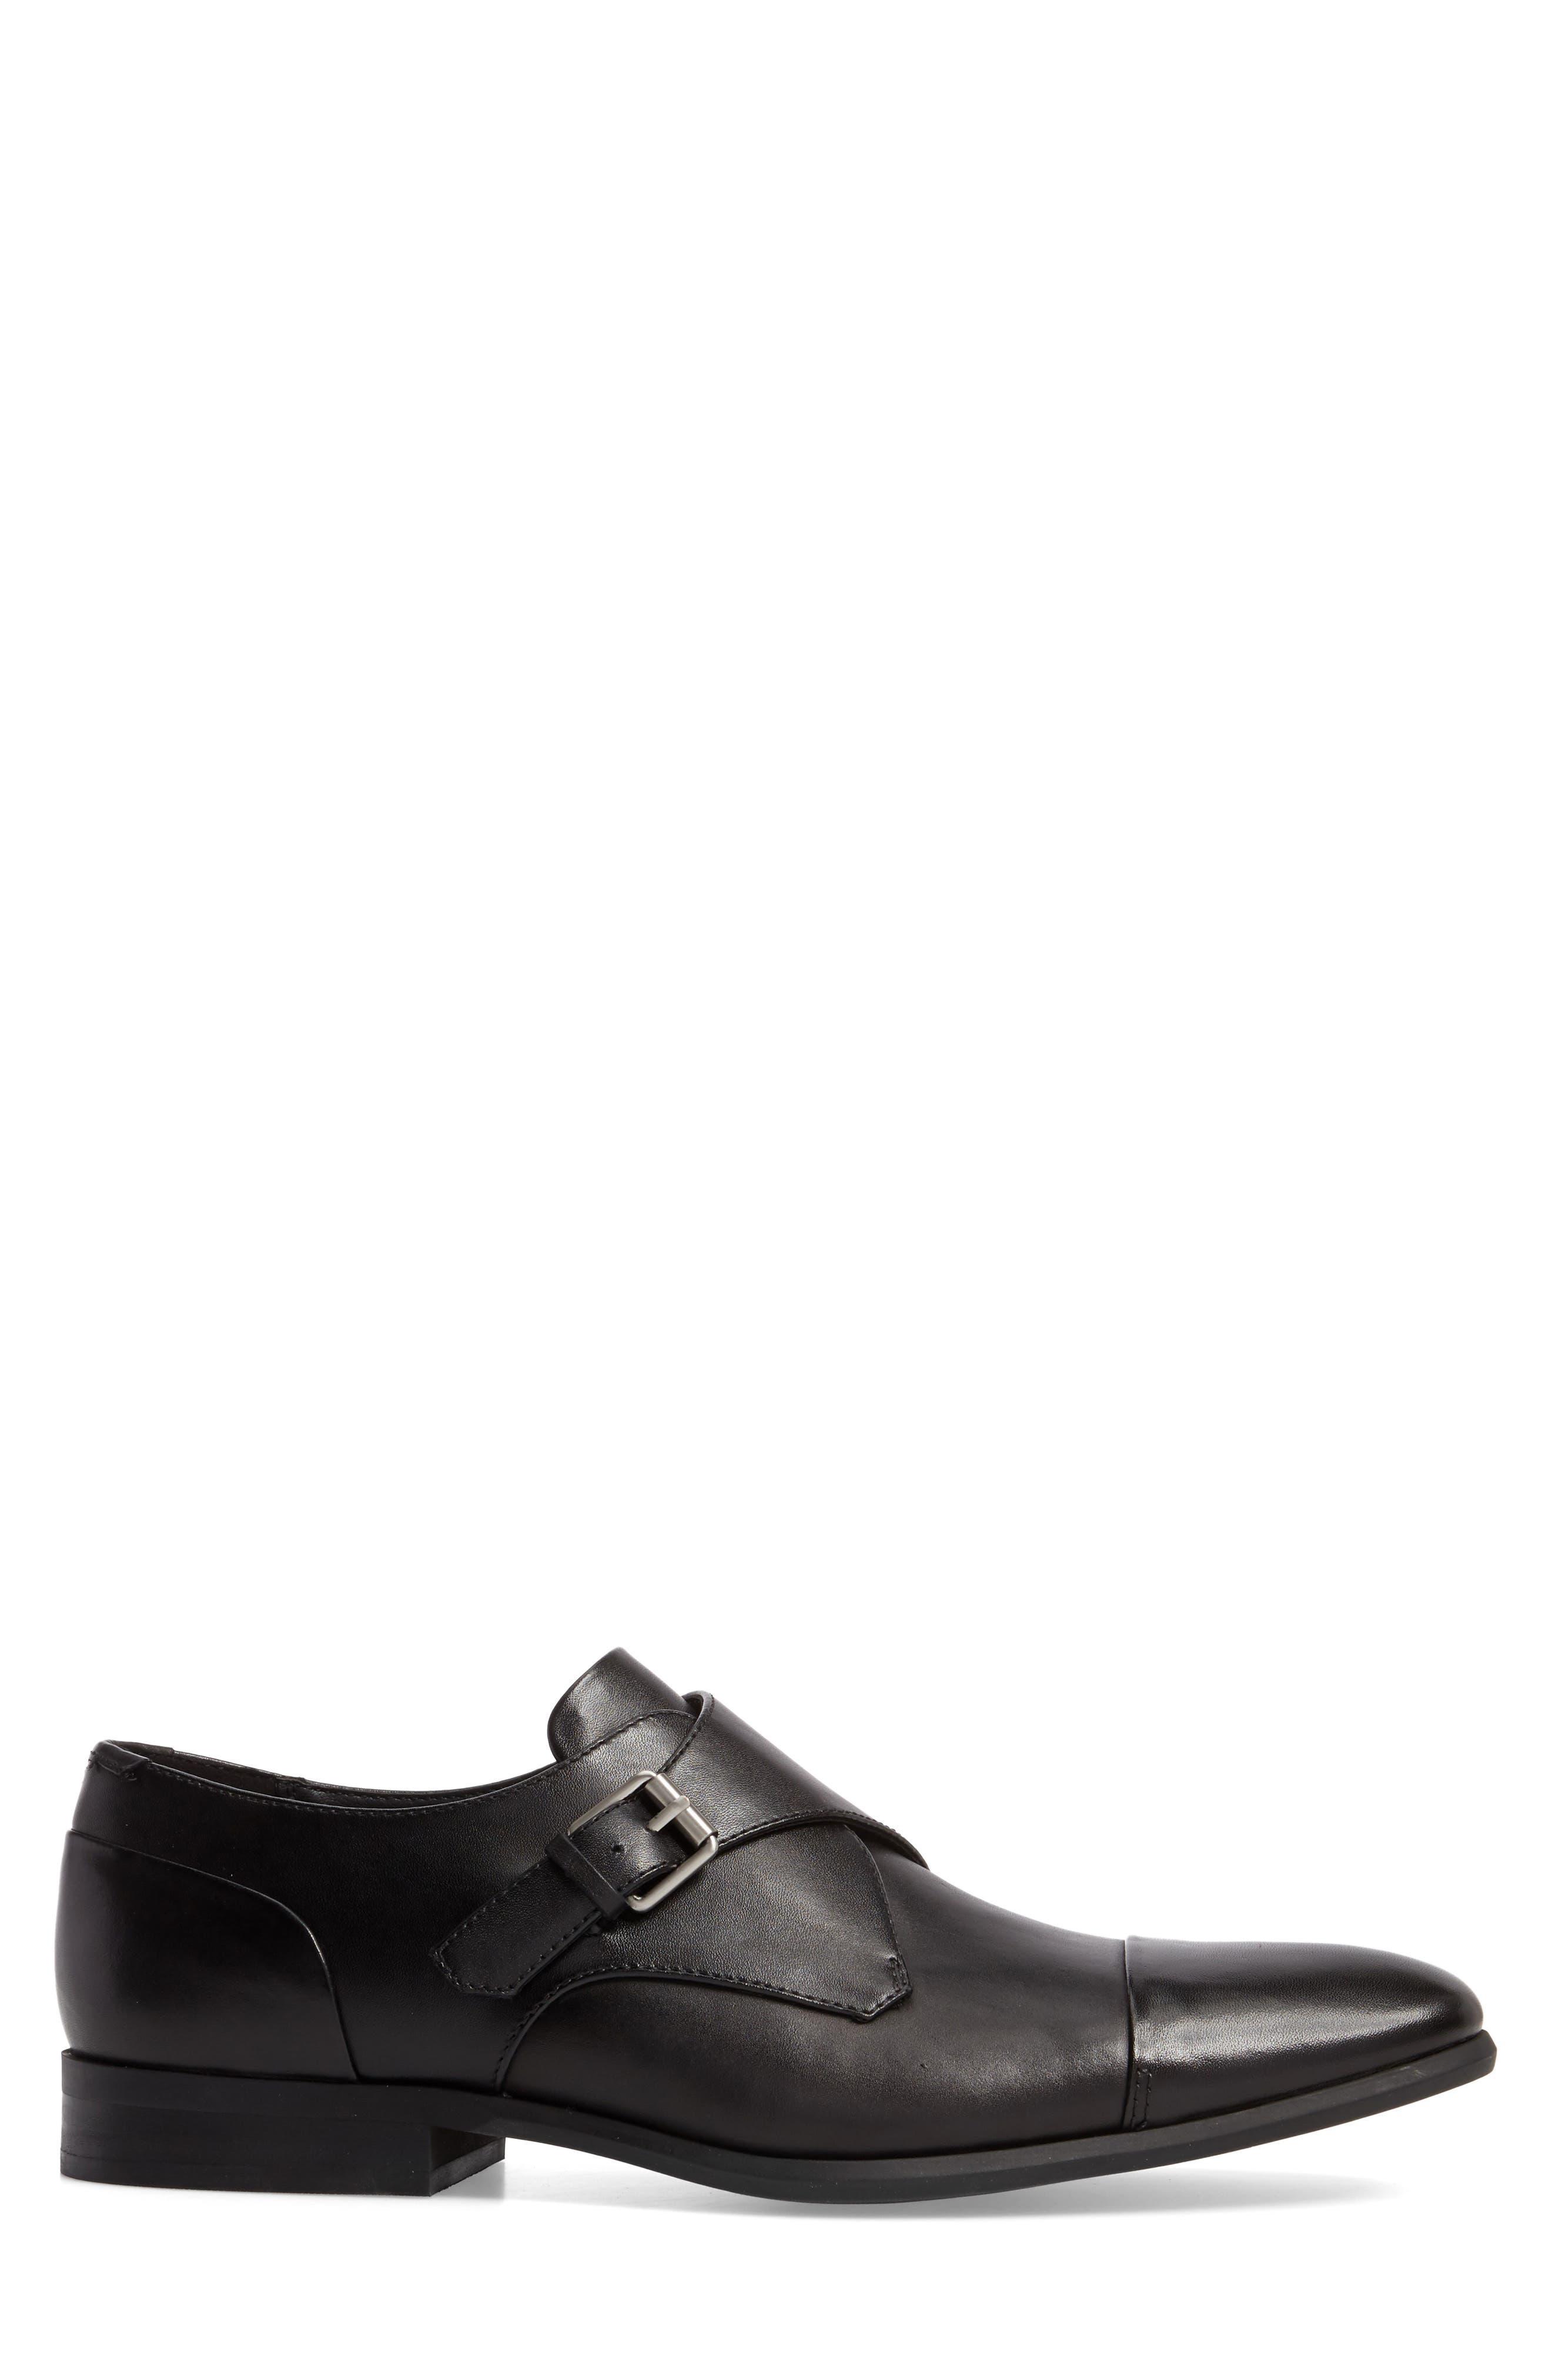 Lucus Monk Strap Shoe,                             Alternate thumbnail 3, color,                             Black Leather